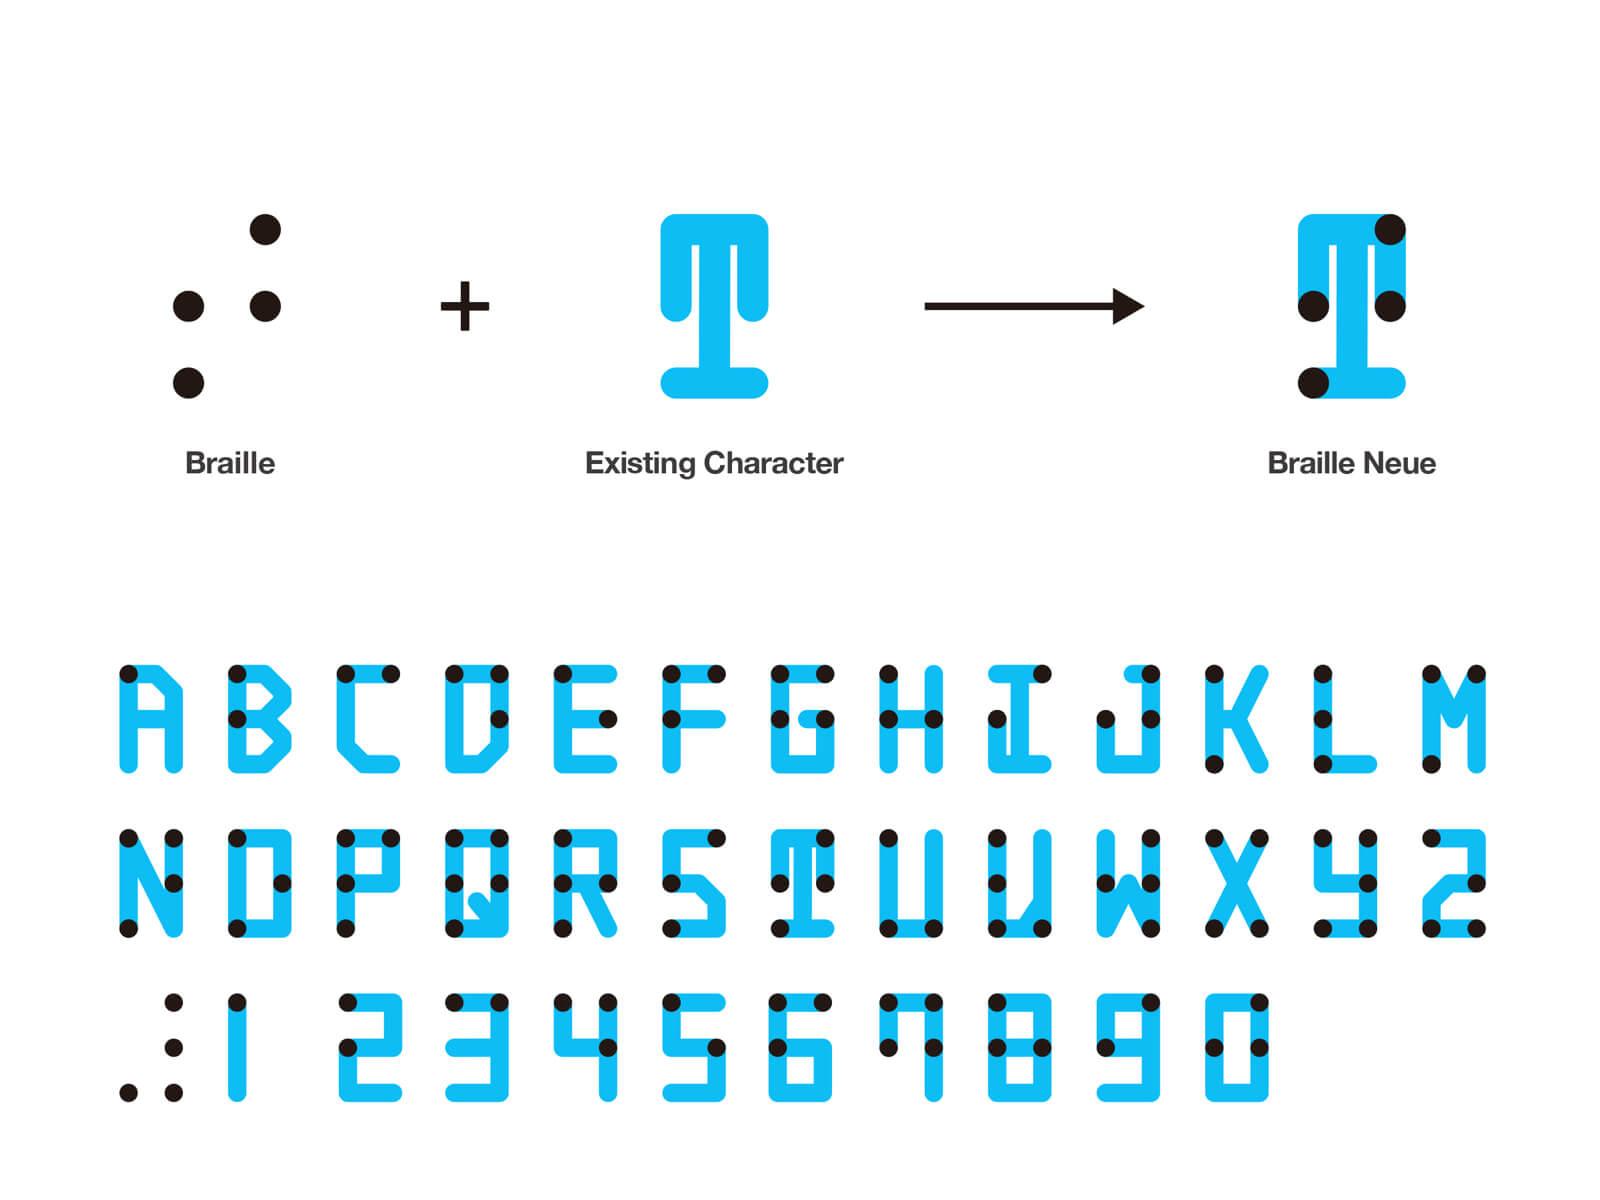 Designer cria fonte que combina a escrita em Braille com a tradicional